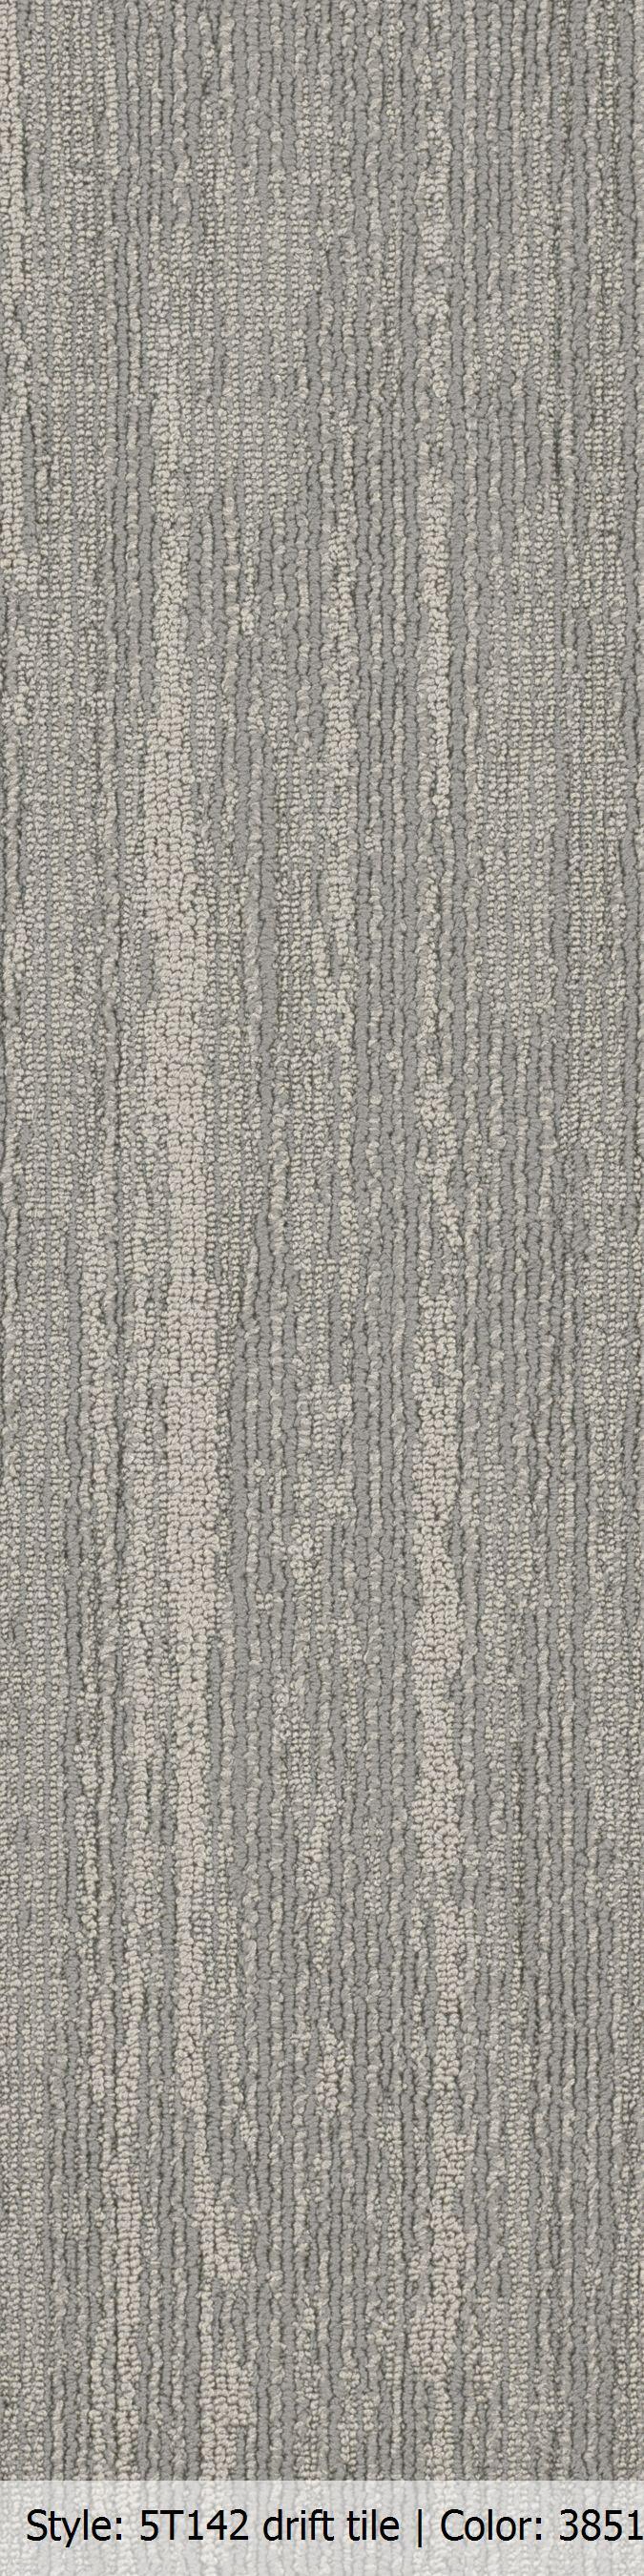 5T142_38515_MAIN.jpg